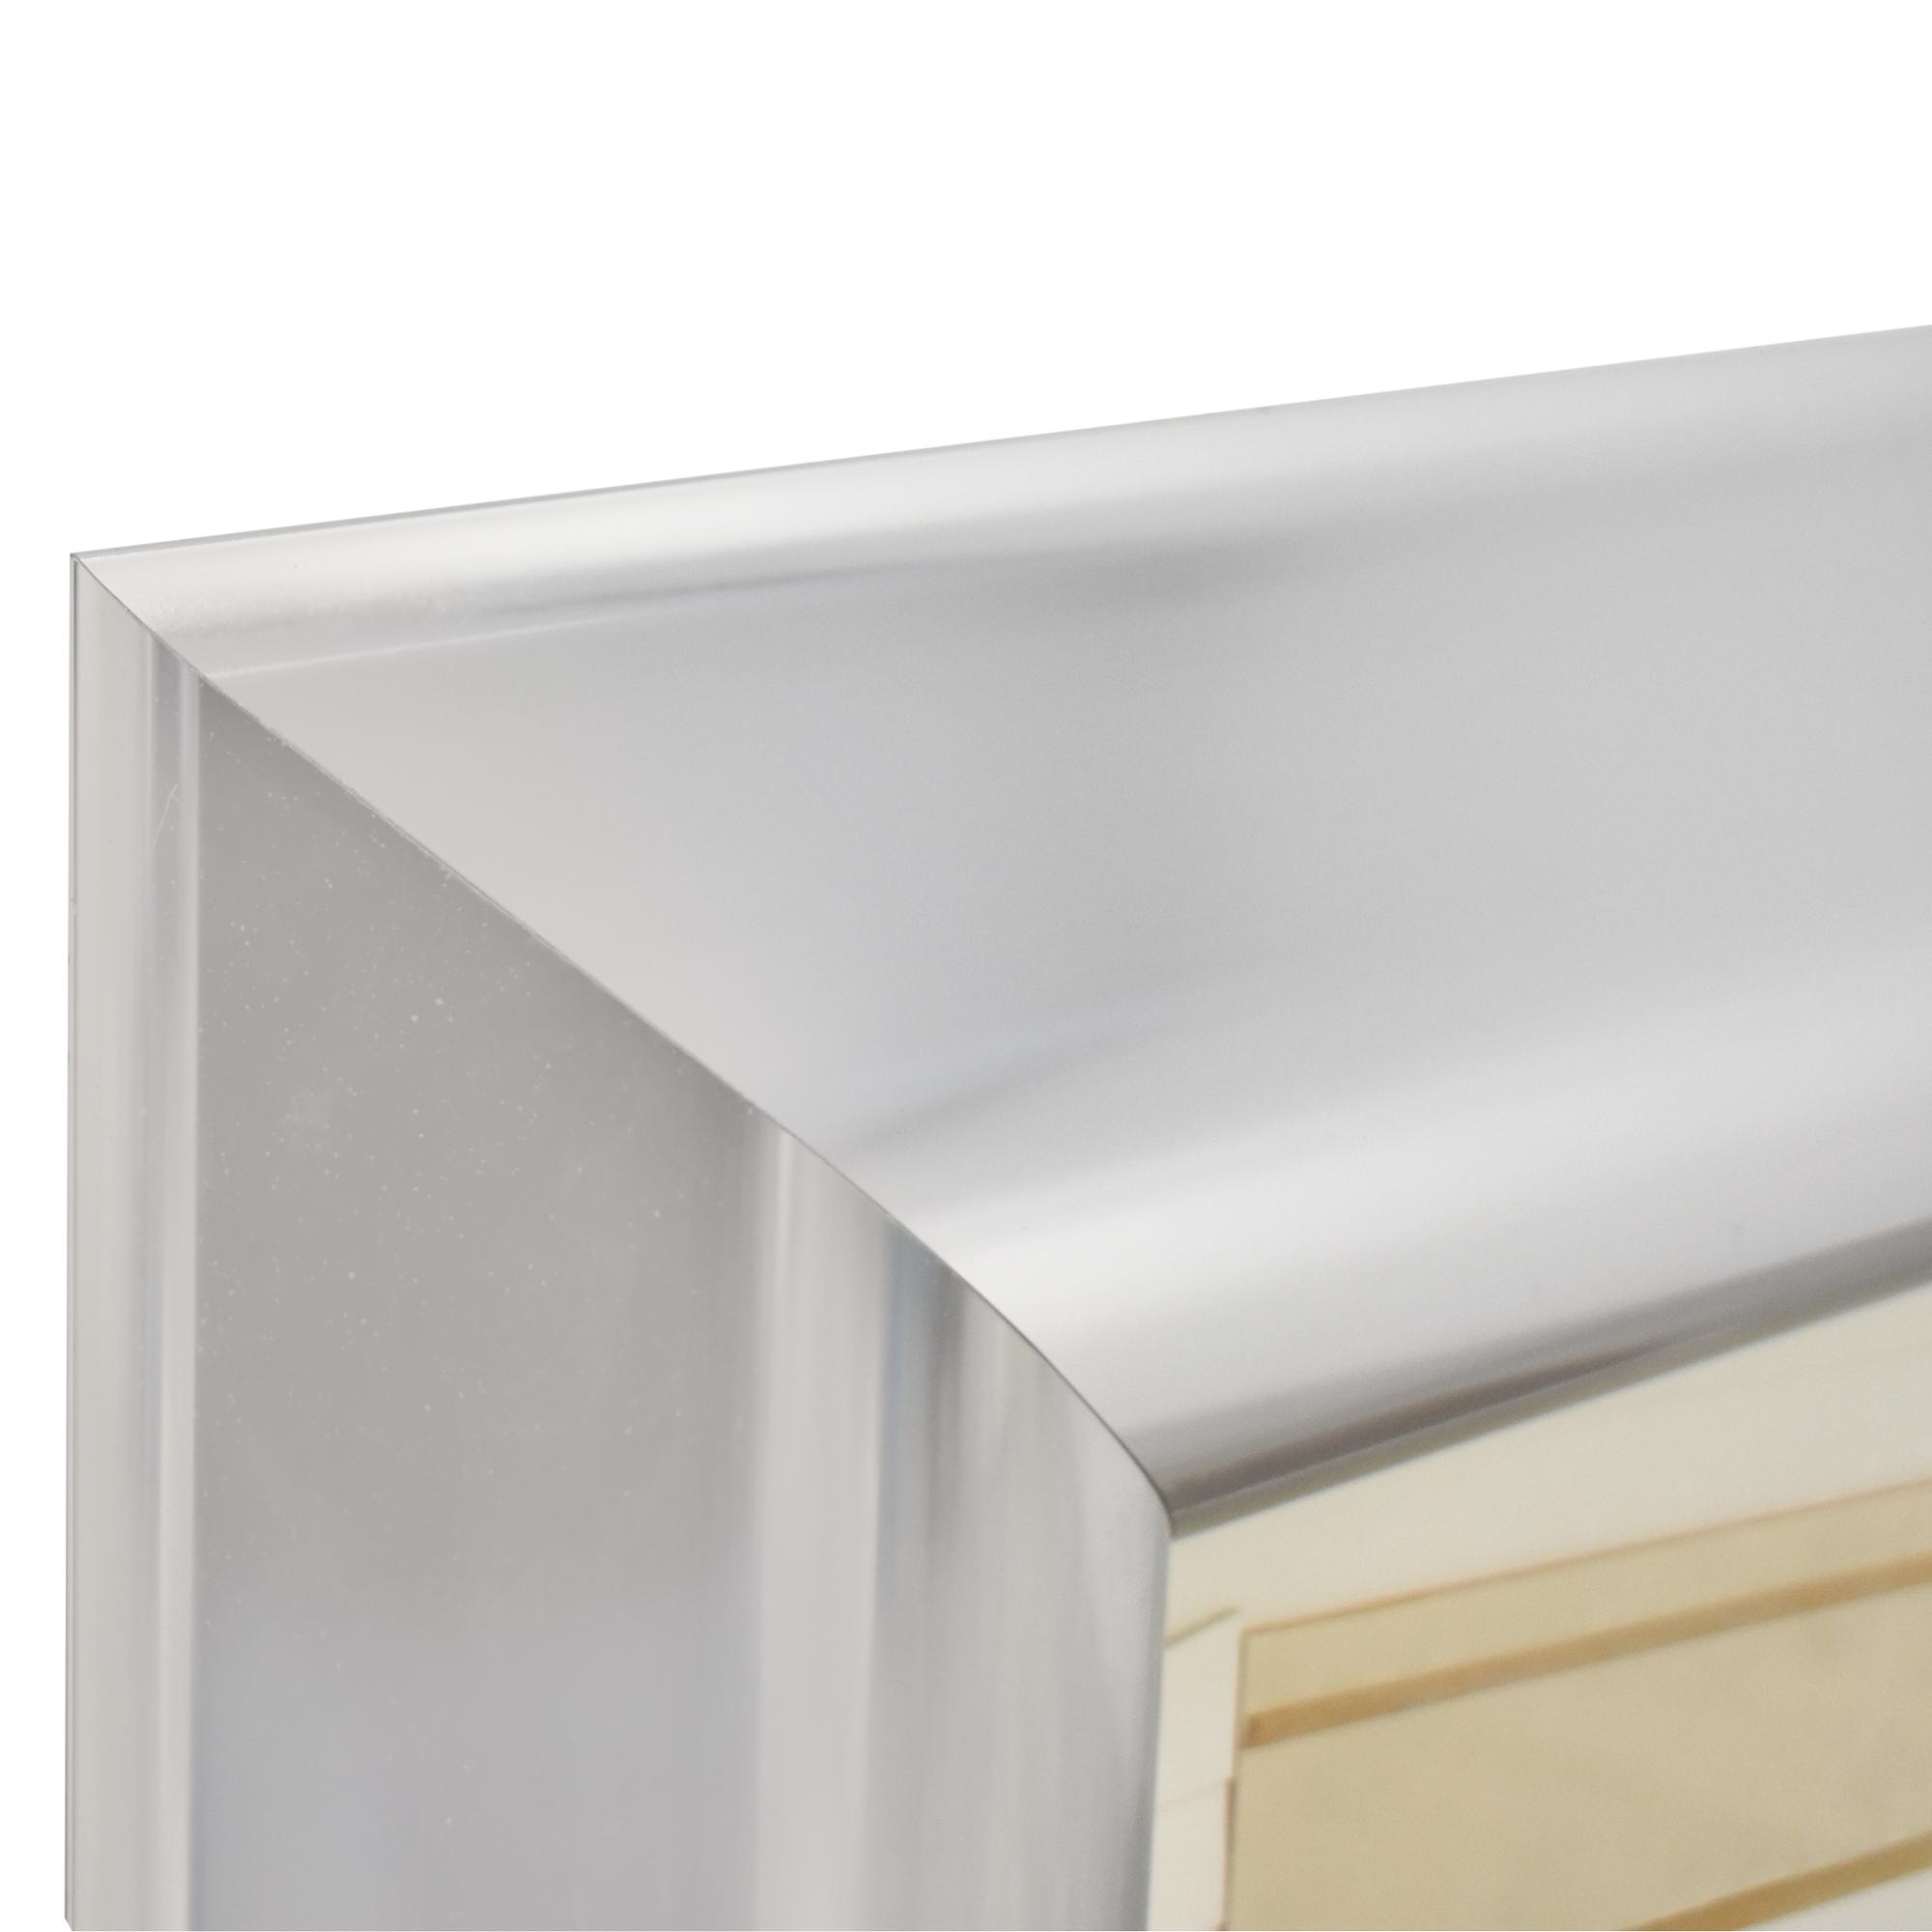 Greg Copeland 1123 Framed Art silver & off white